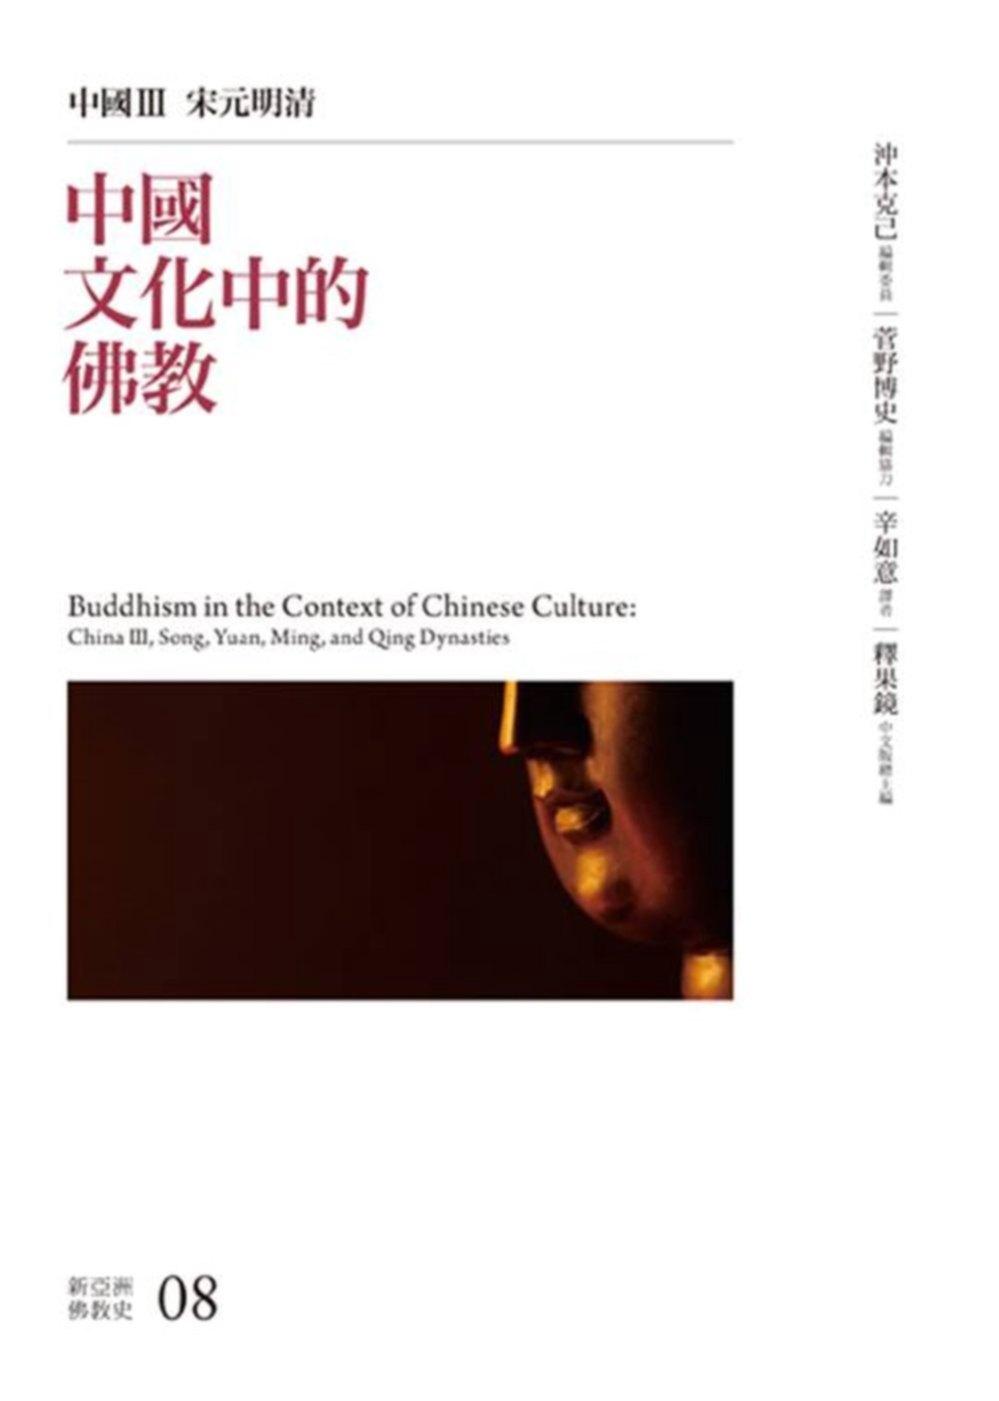 中國文化中的佛教:中國III 宋元明清